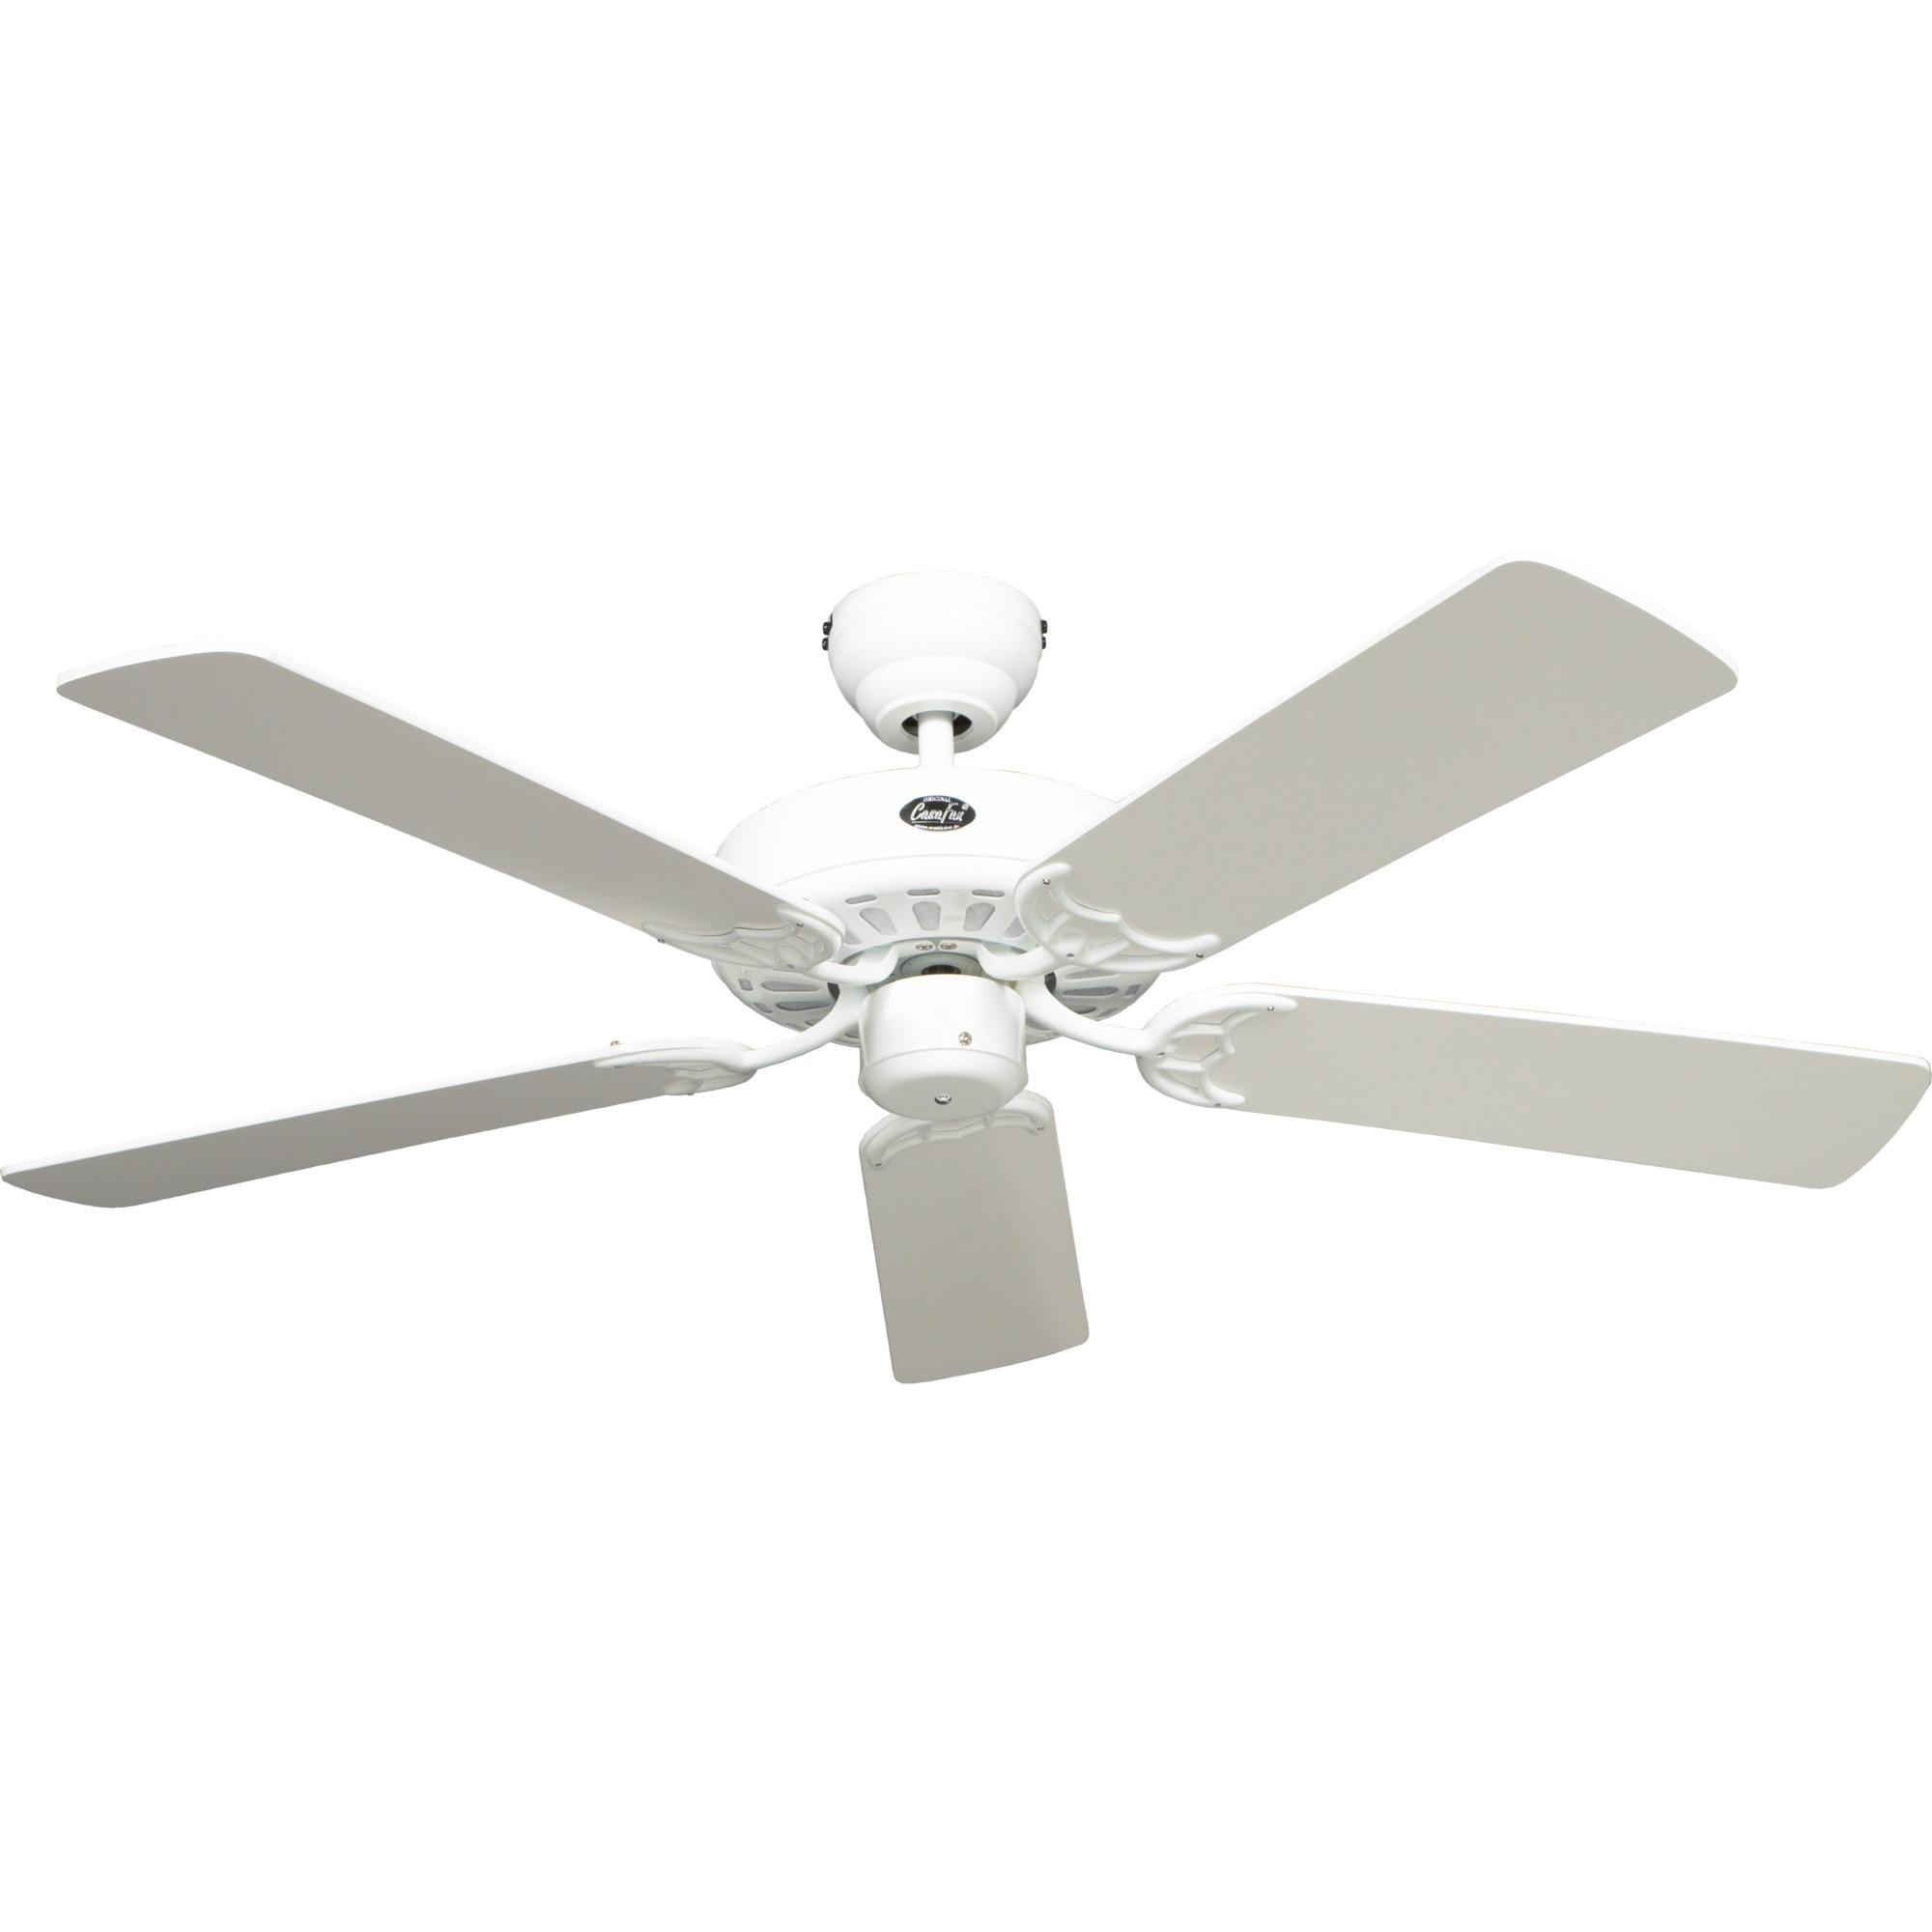 Ventilador techo blanco palas transparentes precios y for Oferta ventilador techo